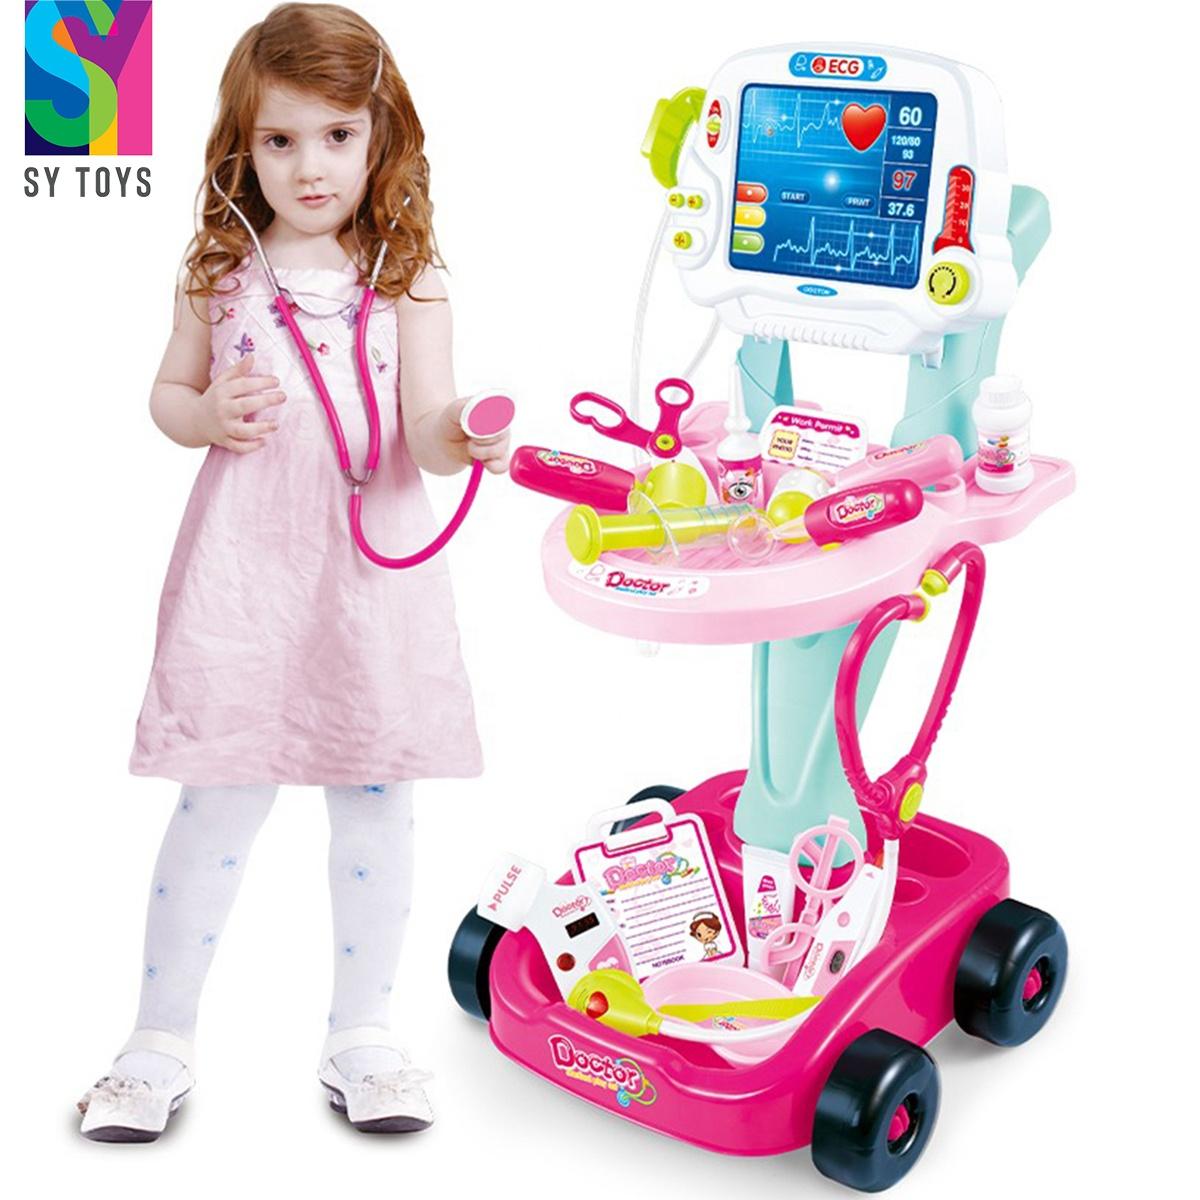 Детская игрушка для ролевых игр SY, имитация медицинского операционного стола, набор для врачей и медсестер, набор игрушек для врачей